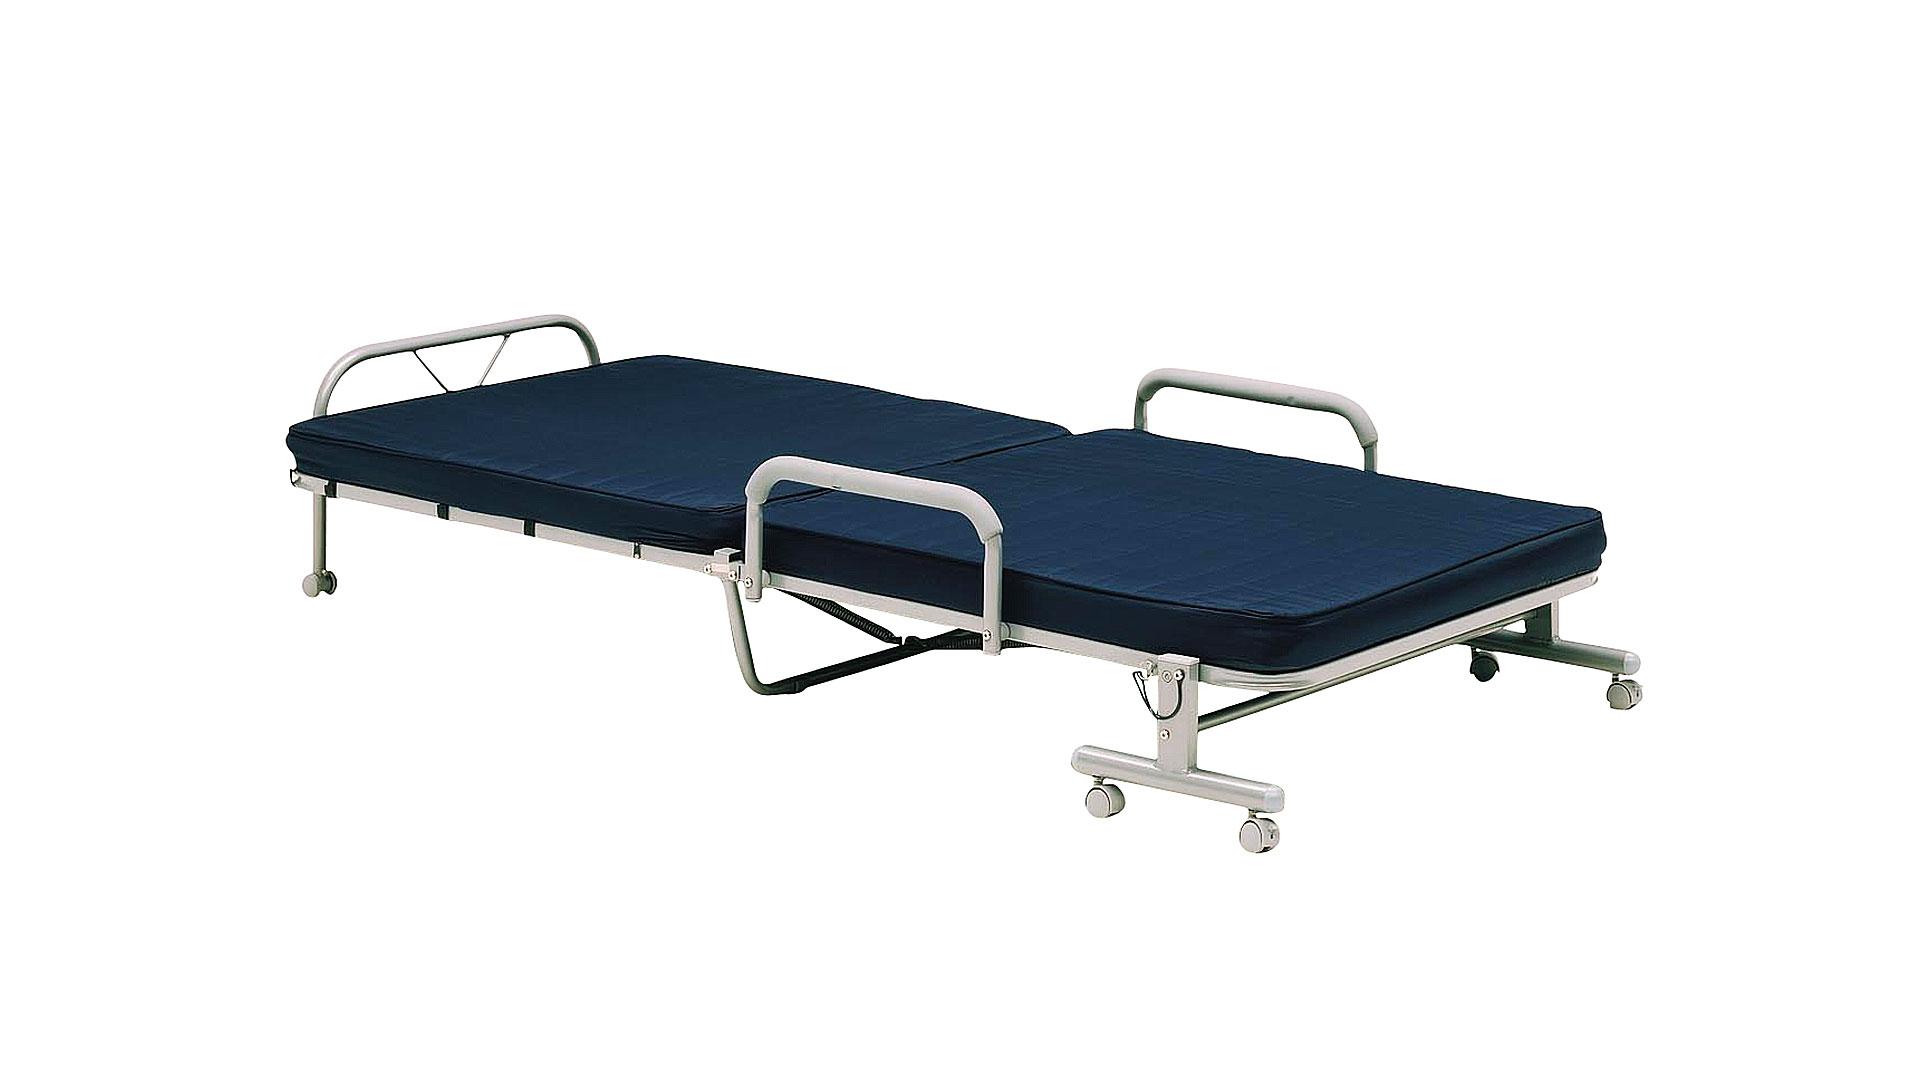 リビンズの折りたたみベッド「ゼロ」の広げた画像